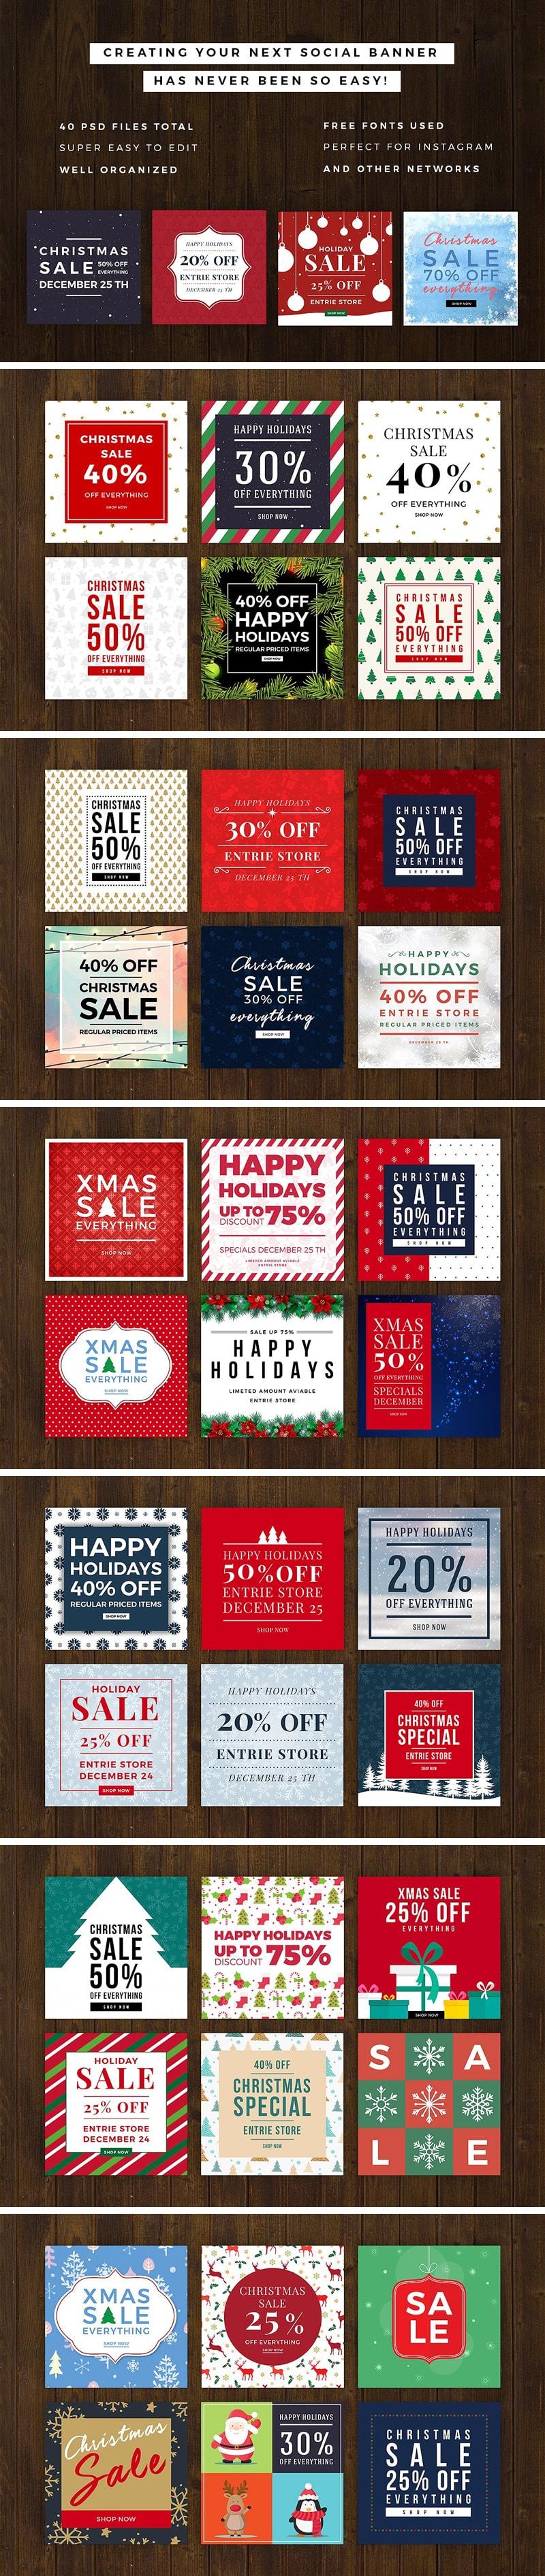 40 Christmas Promo Banners